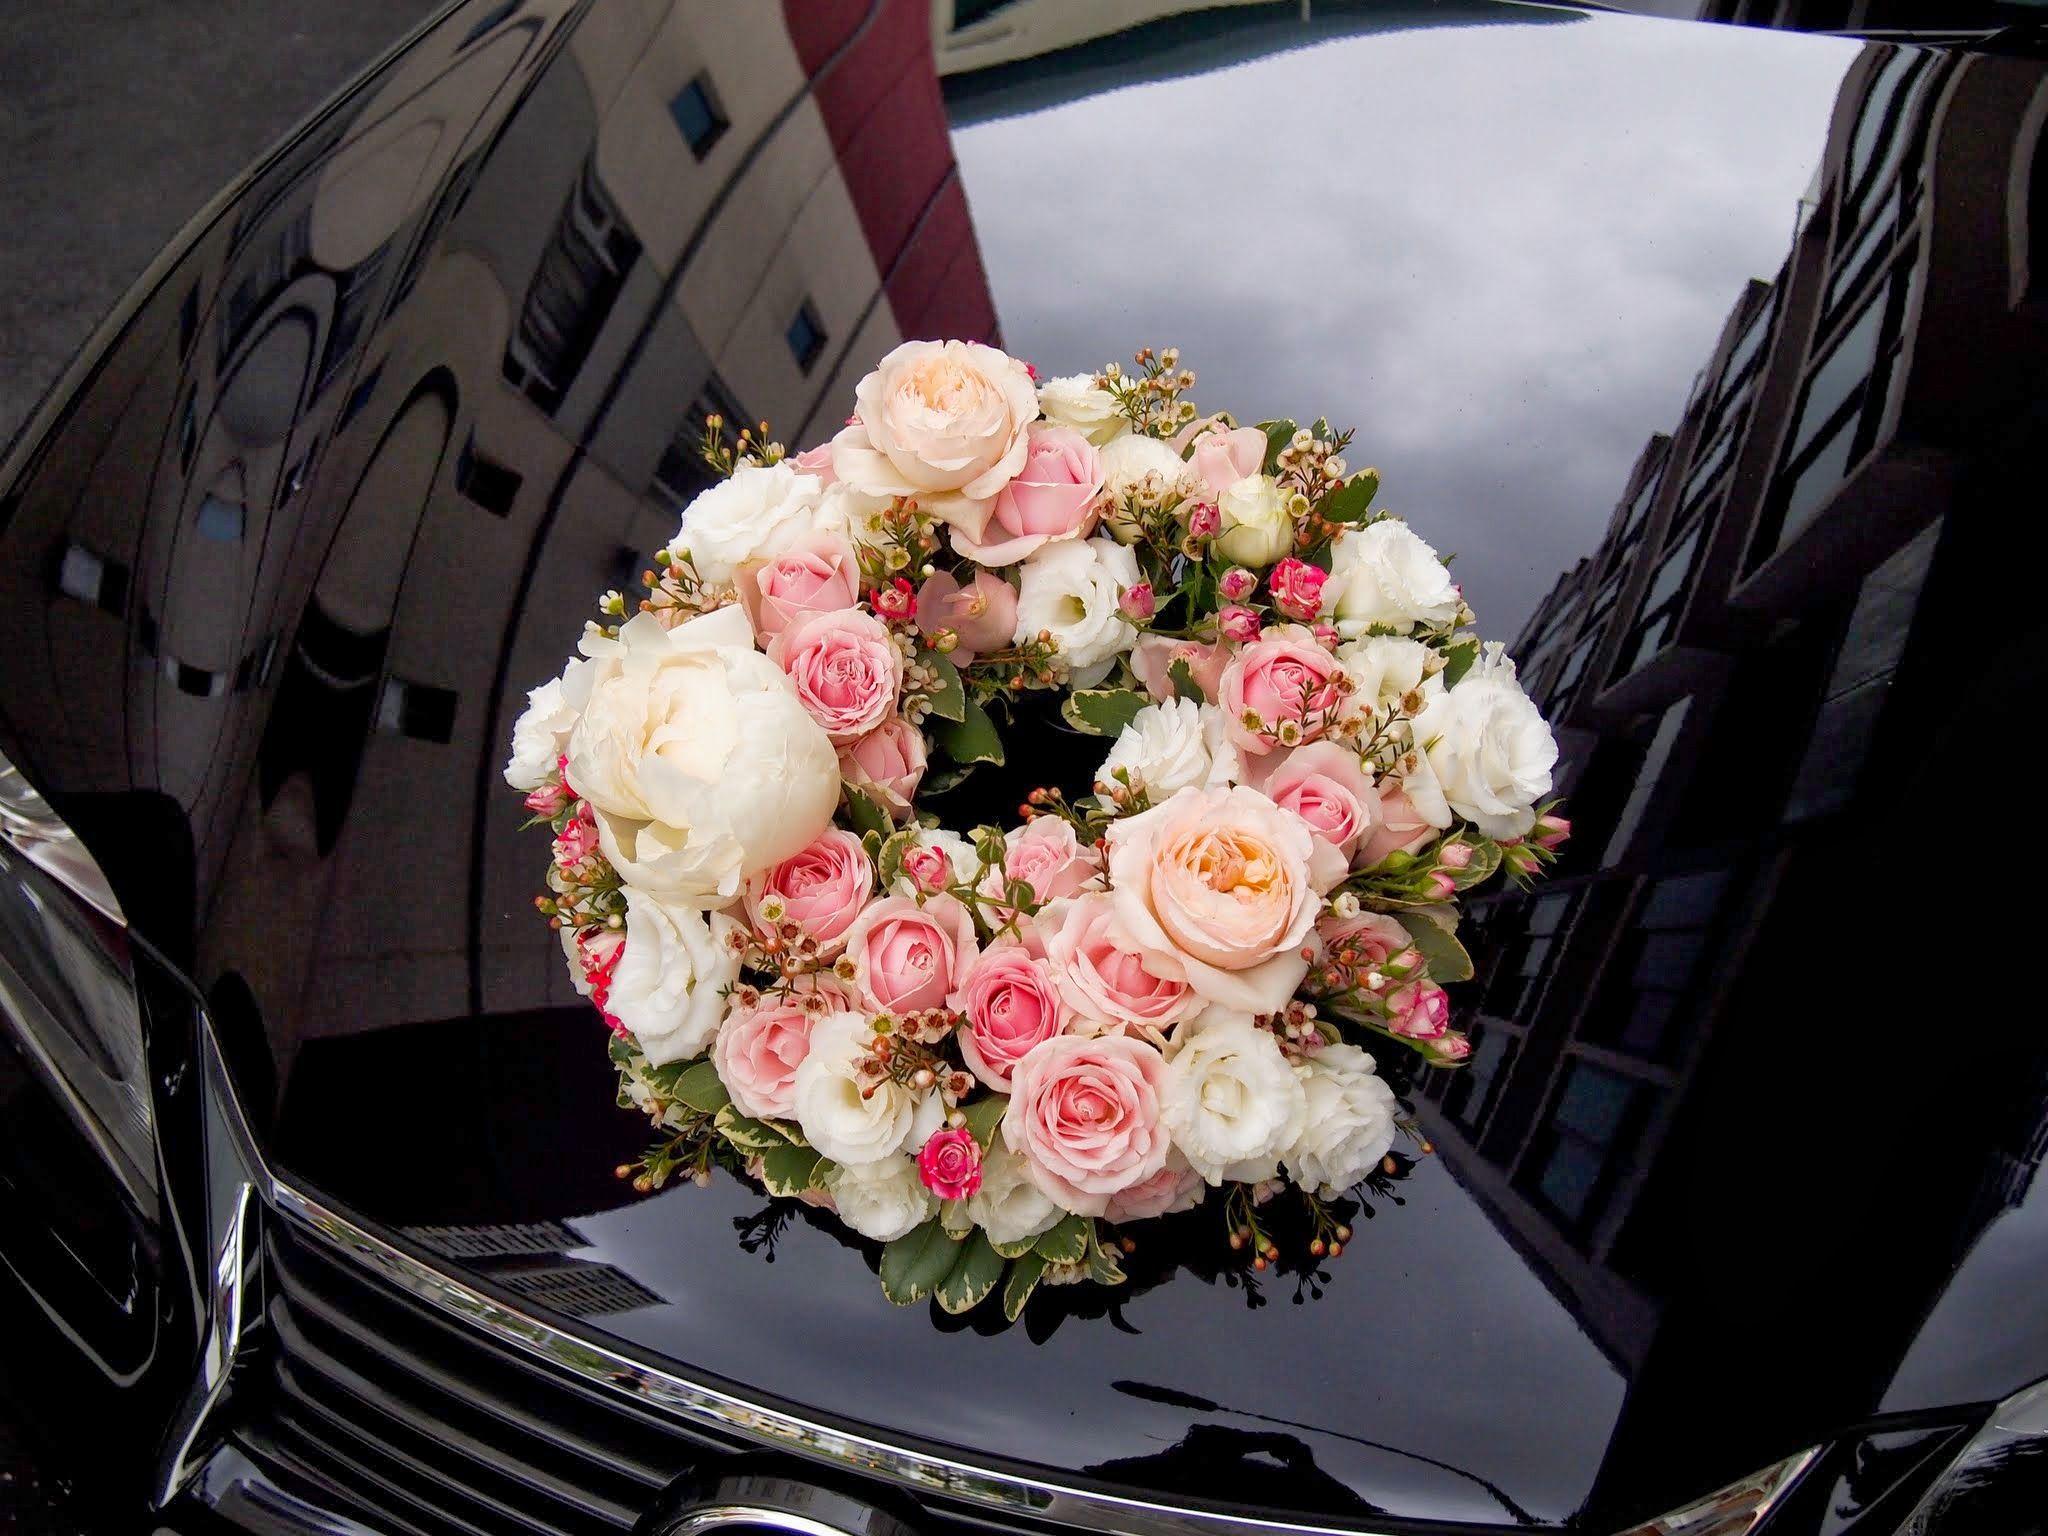 Design of bridal car - Wedding Bridal Car Ride David Austin Keira Roses Peonies Spray Roses In Wreath